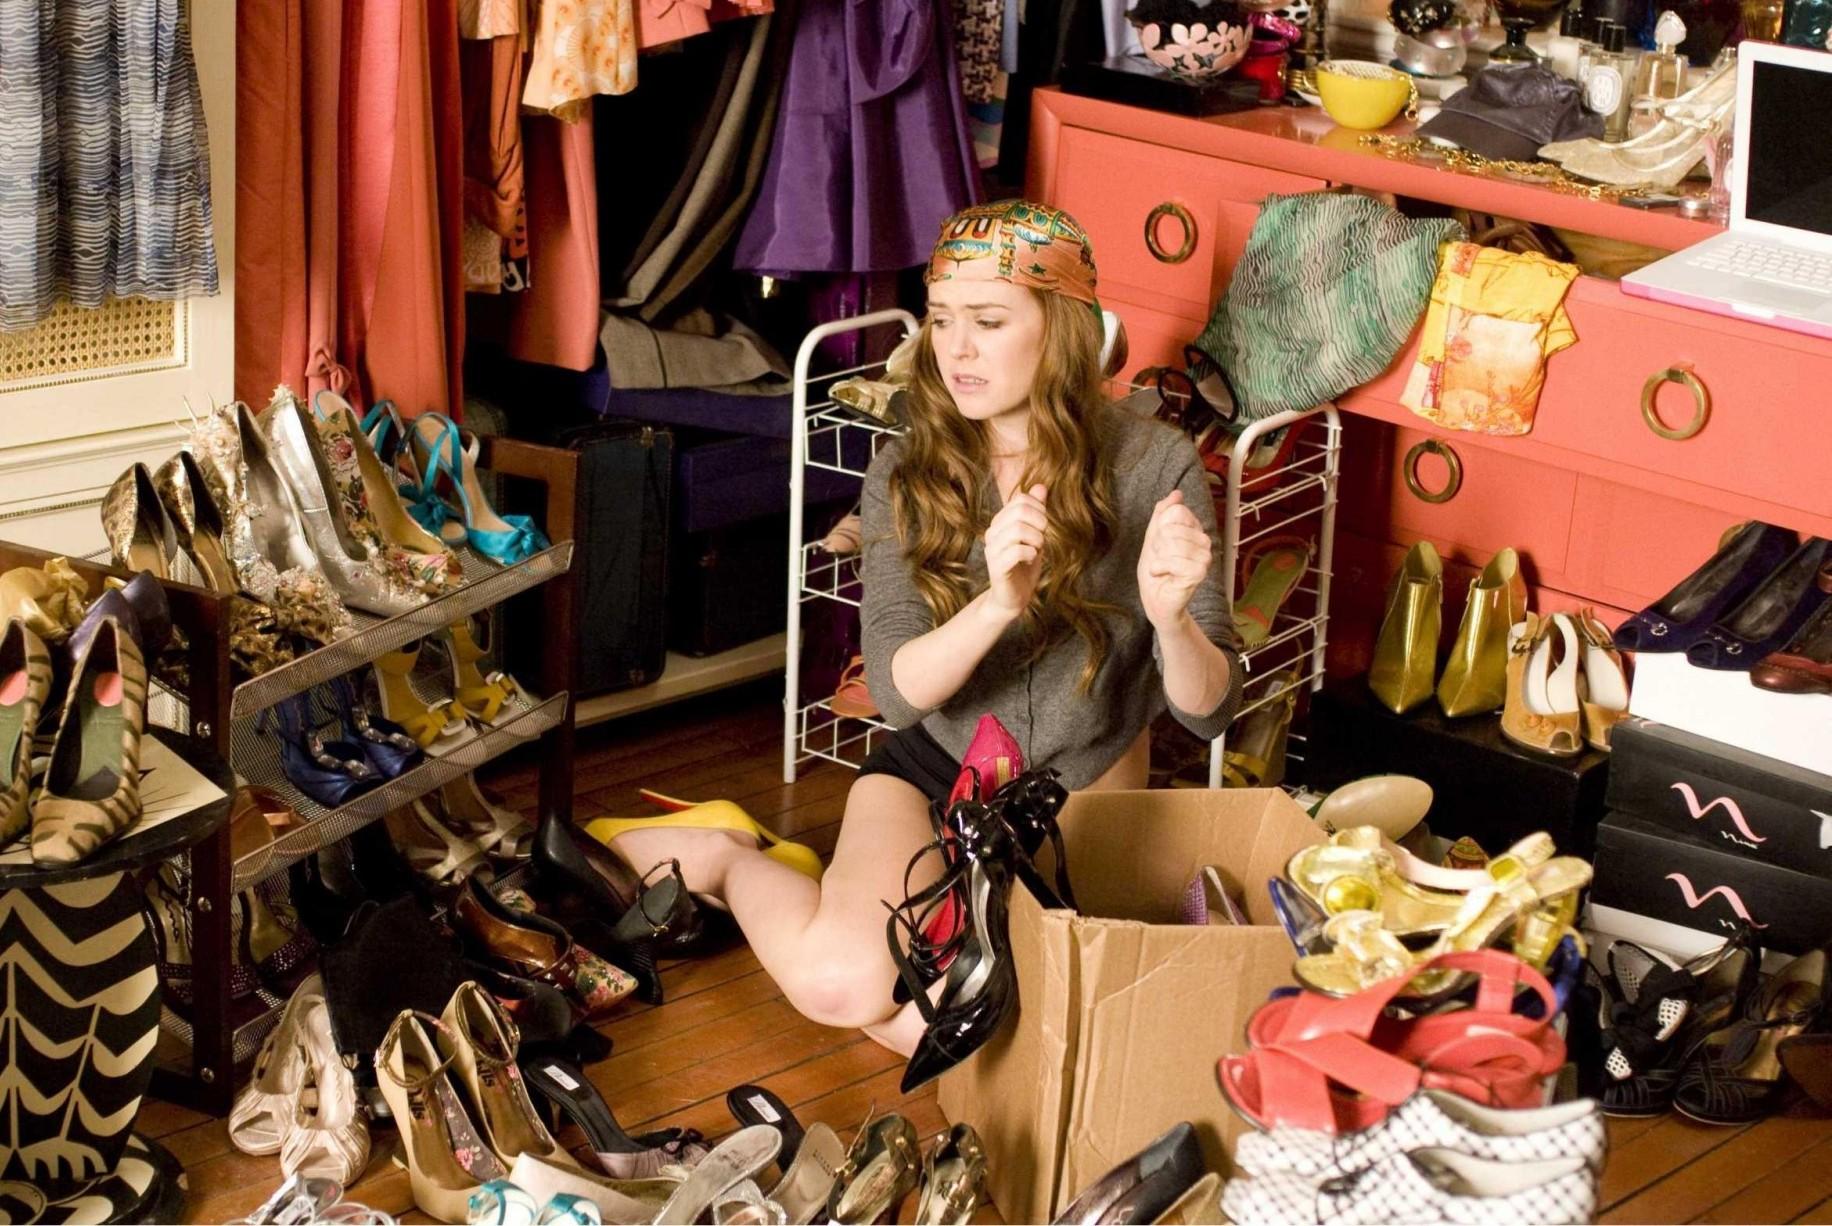 Иногда масштабы уборки пугают. Фото с сайта www.wanista.com